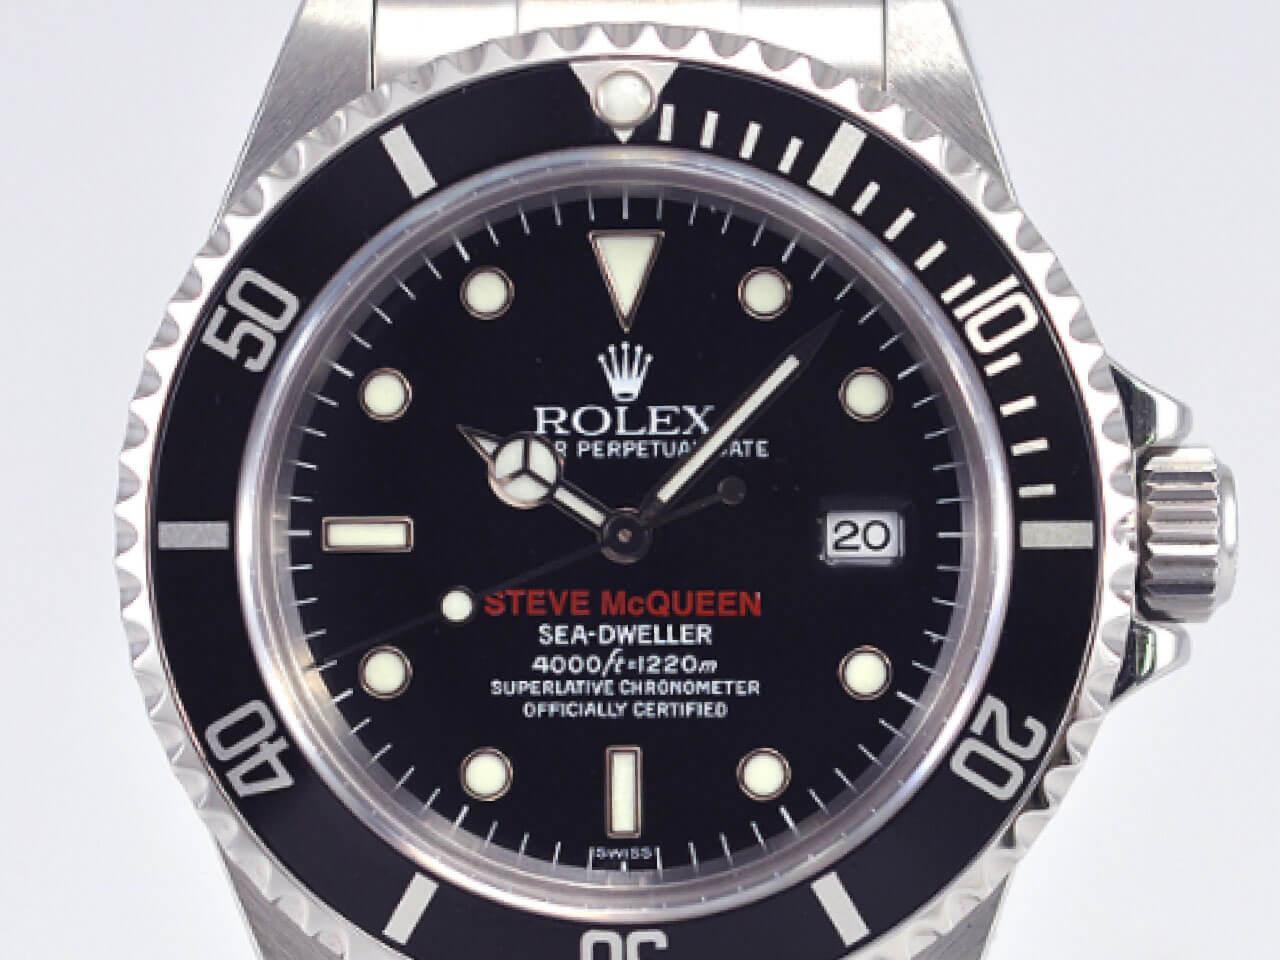 """6e5b326a6f ロレックス(Rolex)のシードゥエラー(Sea-Dweller )16600 """"STEVE McQUEEN"""